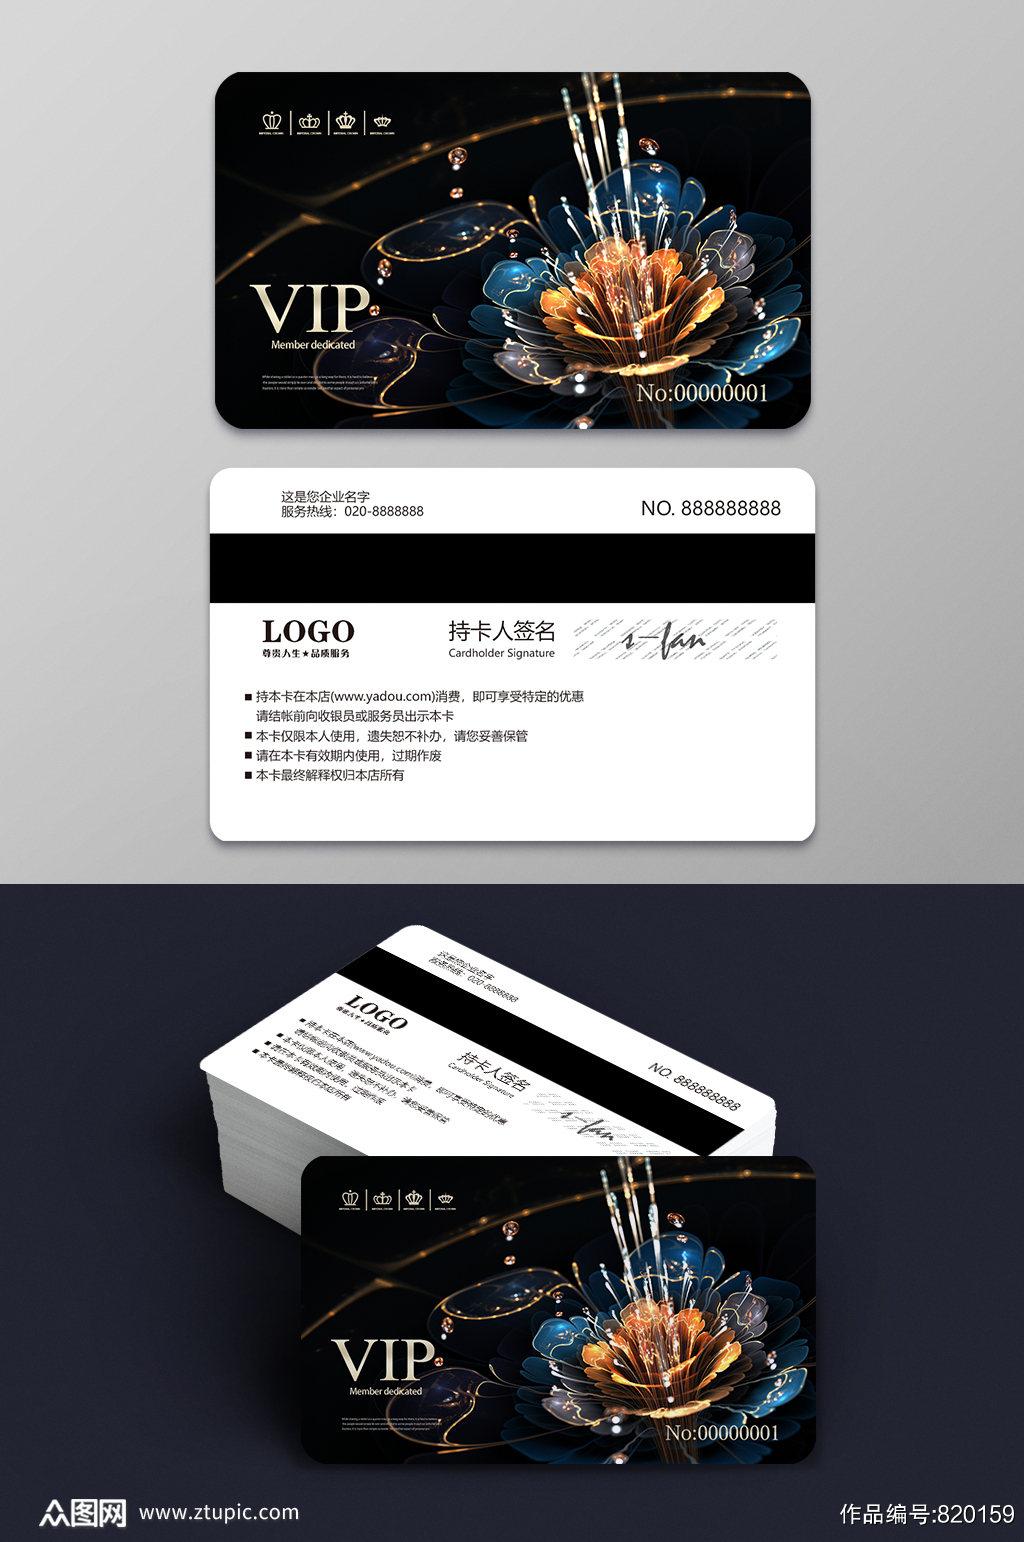 绚丽花朵商务VIP卡名片设计模板图片素材